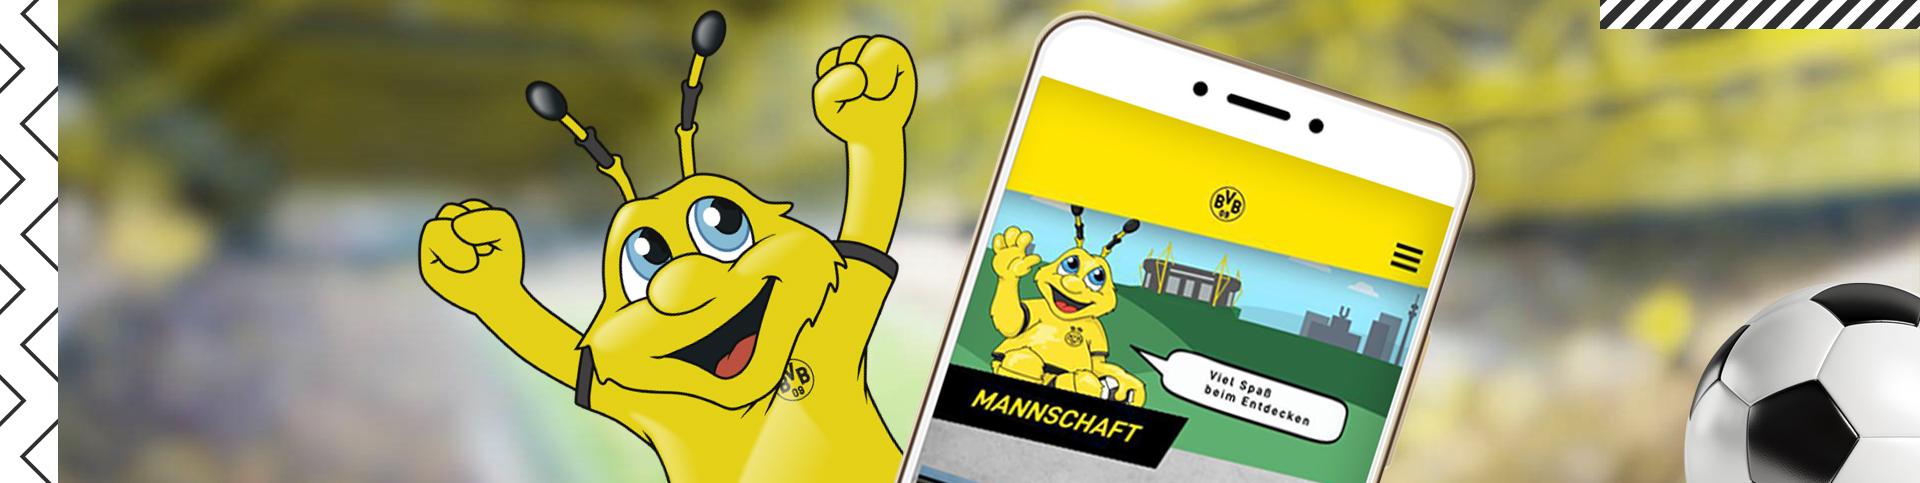 Borussia Dortmund Maskottchen EMMA, präsentiert die neue App des BVB Kids Club